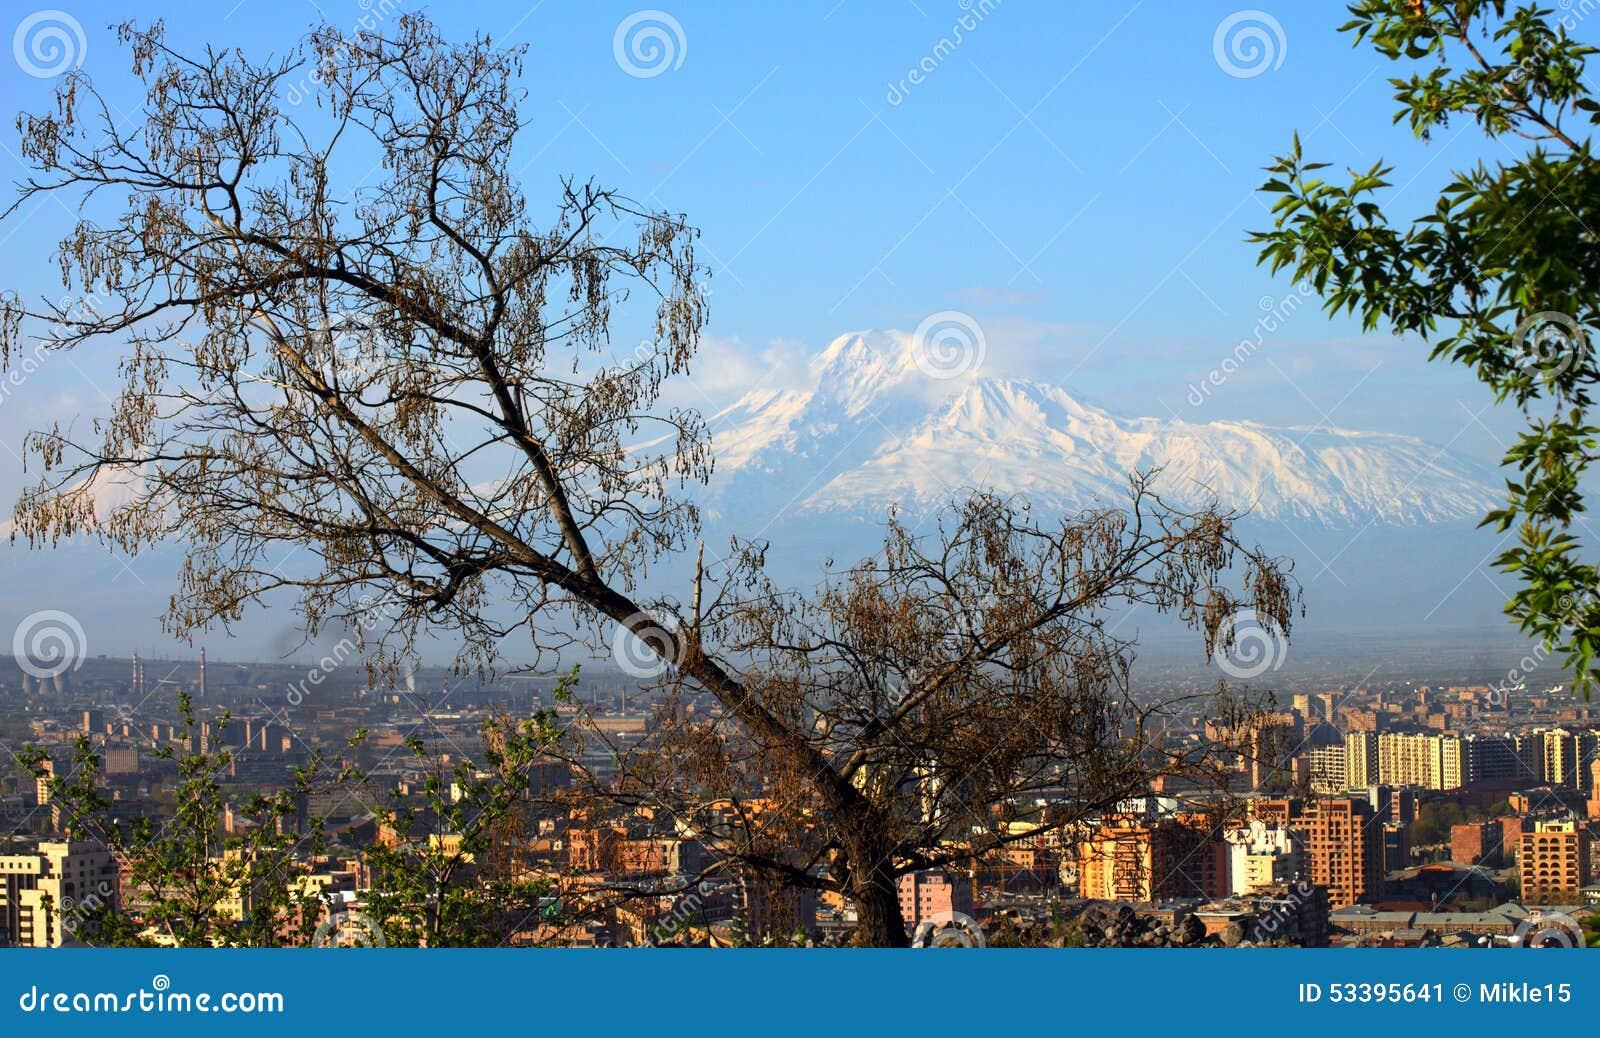 Yerevan city and Mount Ararat